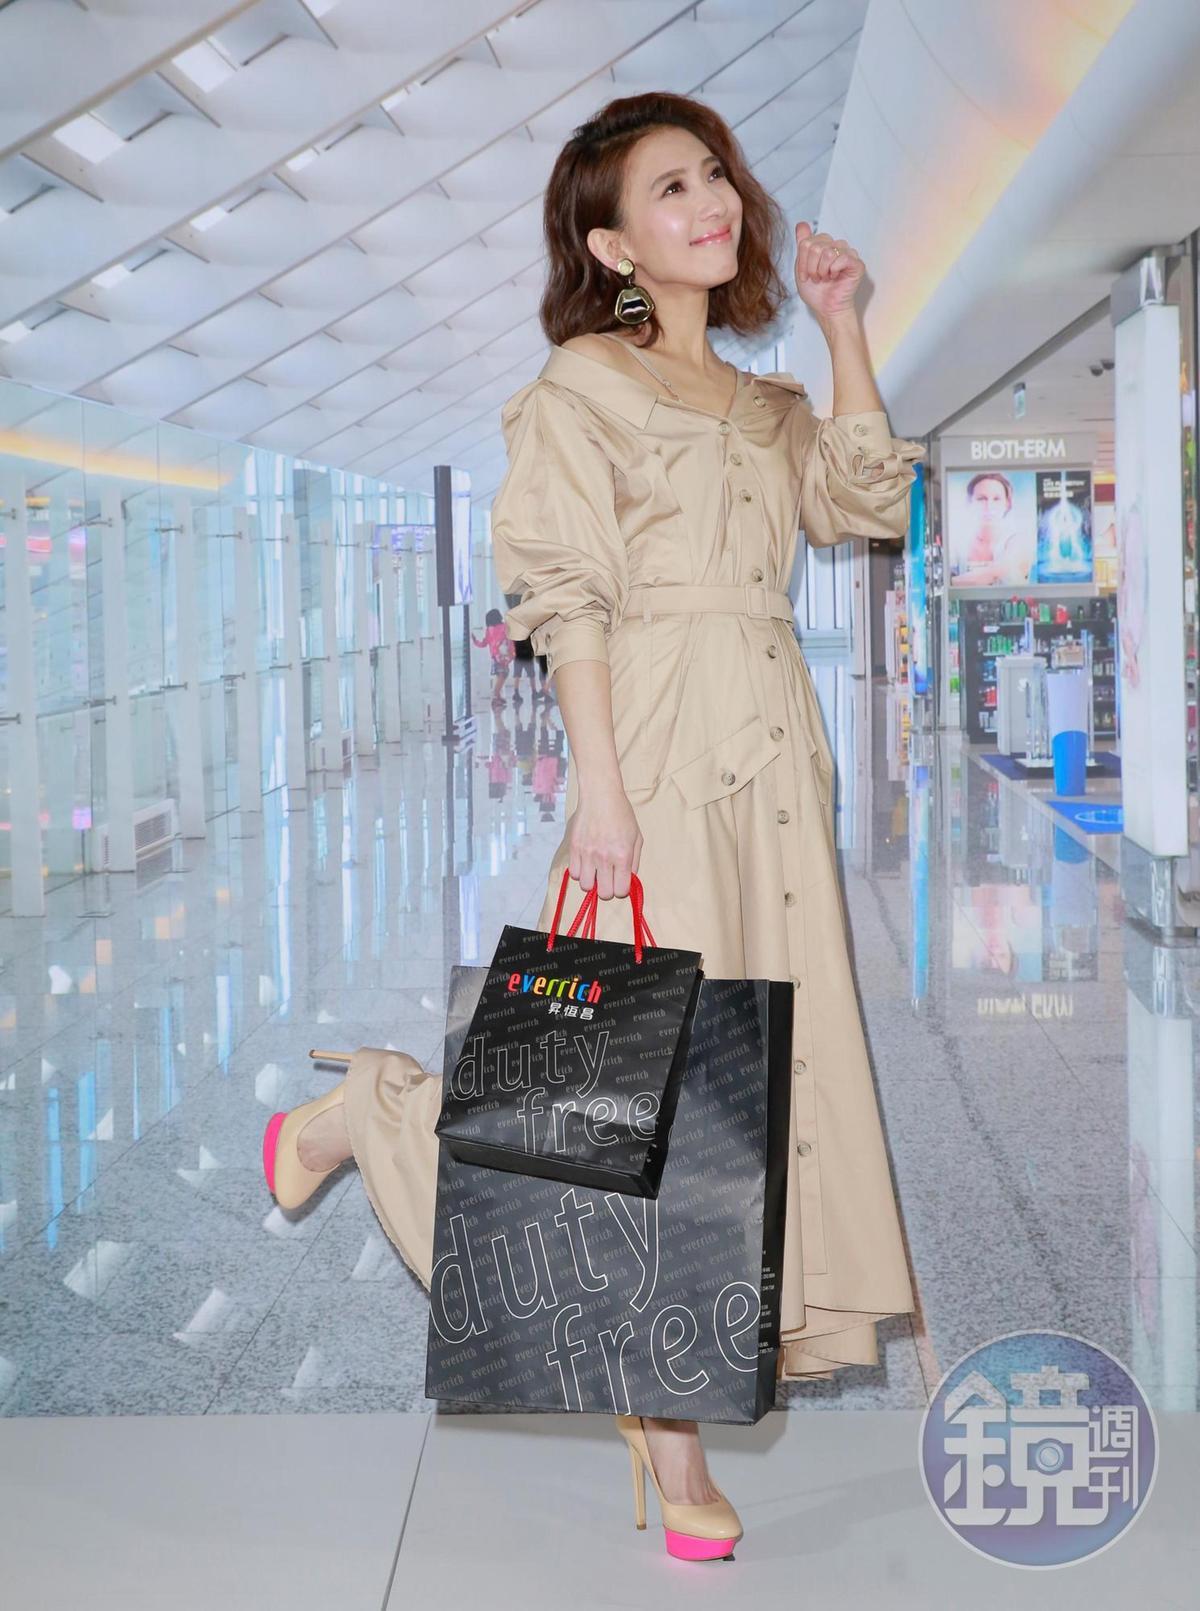 母親節將至,戴佩妮透露將跟老公及公婆、媽媽首次全家出國旅遊。